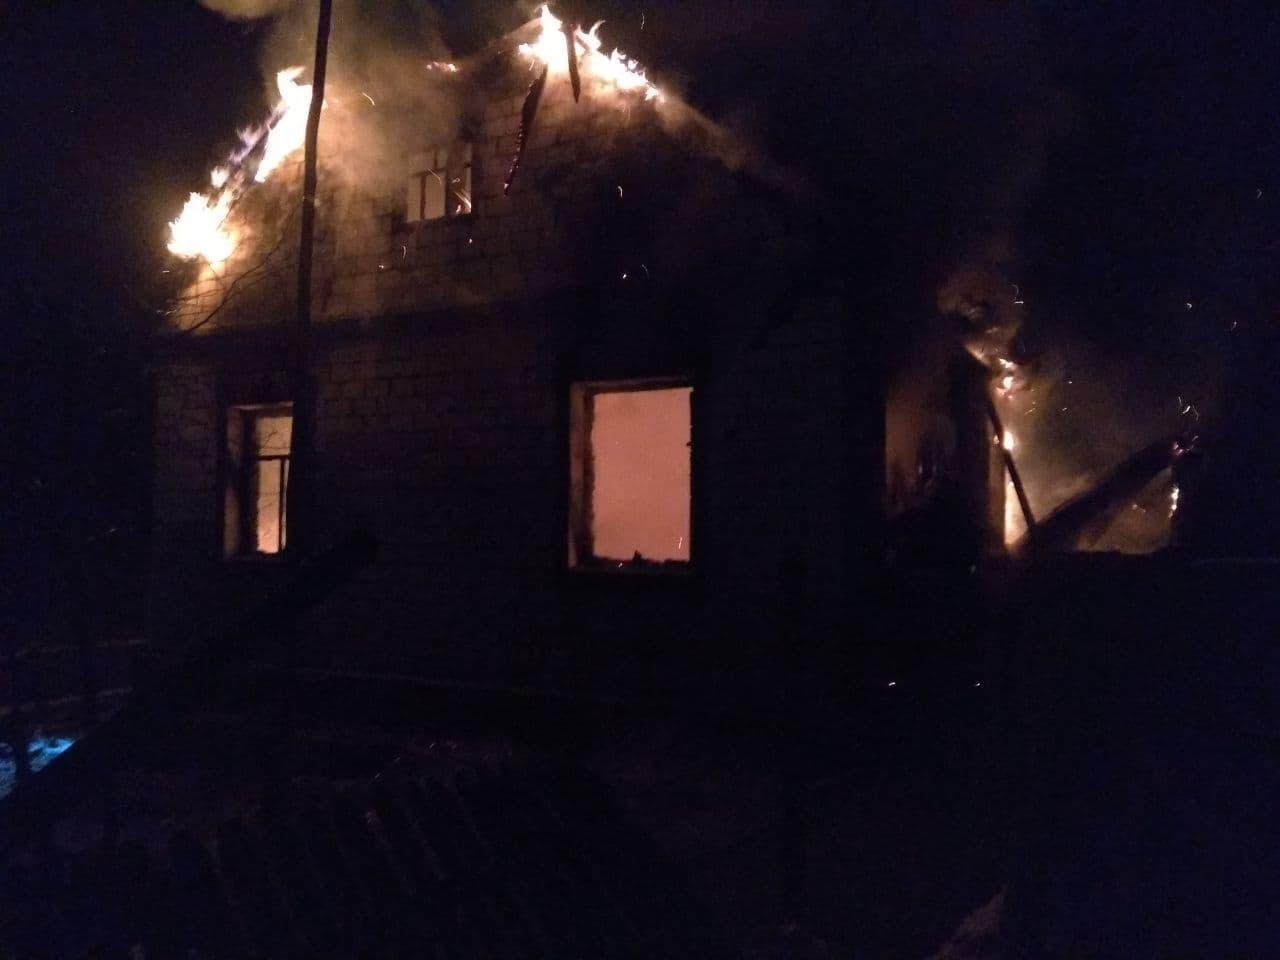 У пожежі на Іванківщині загинуло дві людини - загорання житлового будинку, загиблі - photo 2021 01 17 00 25 37